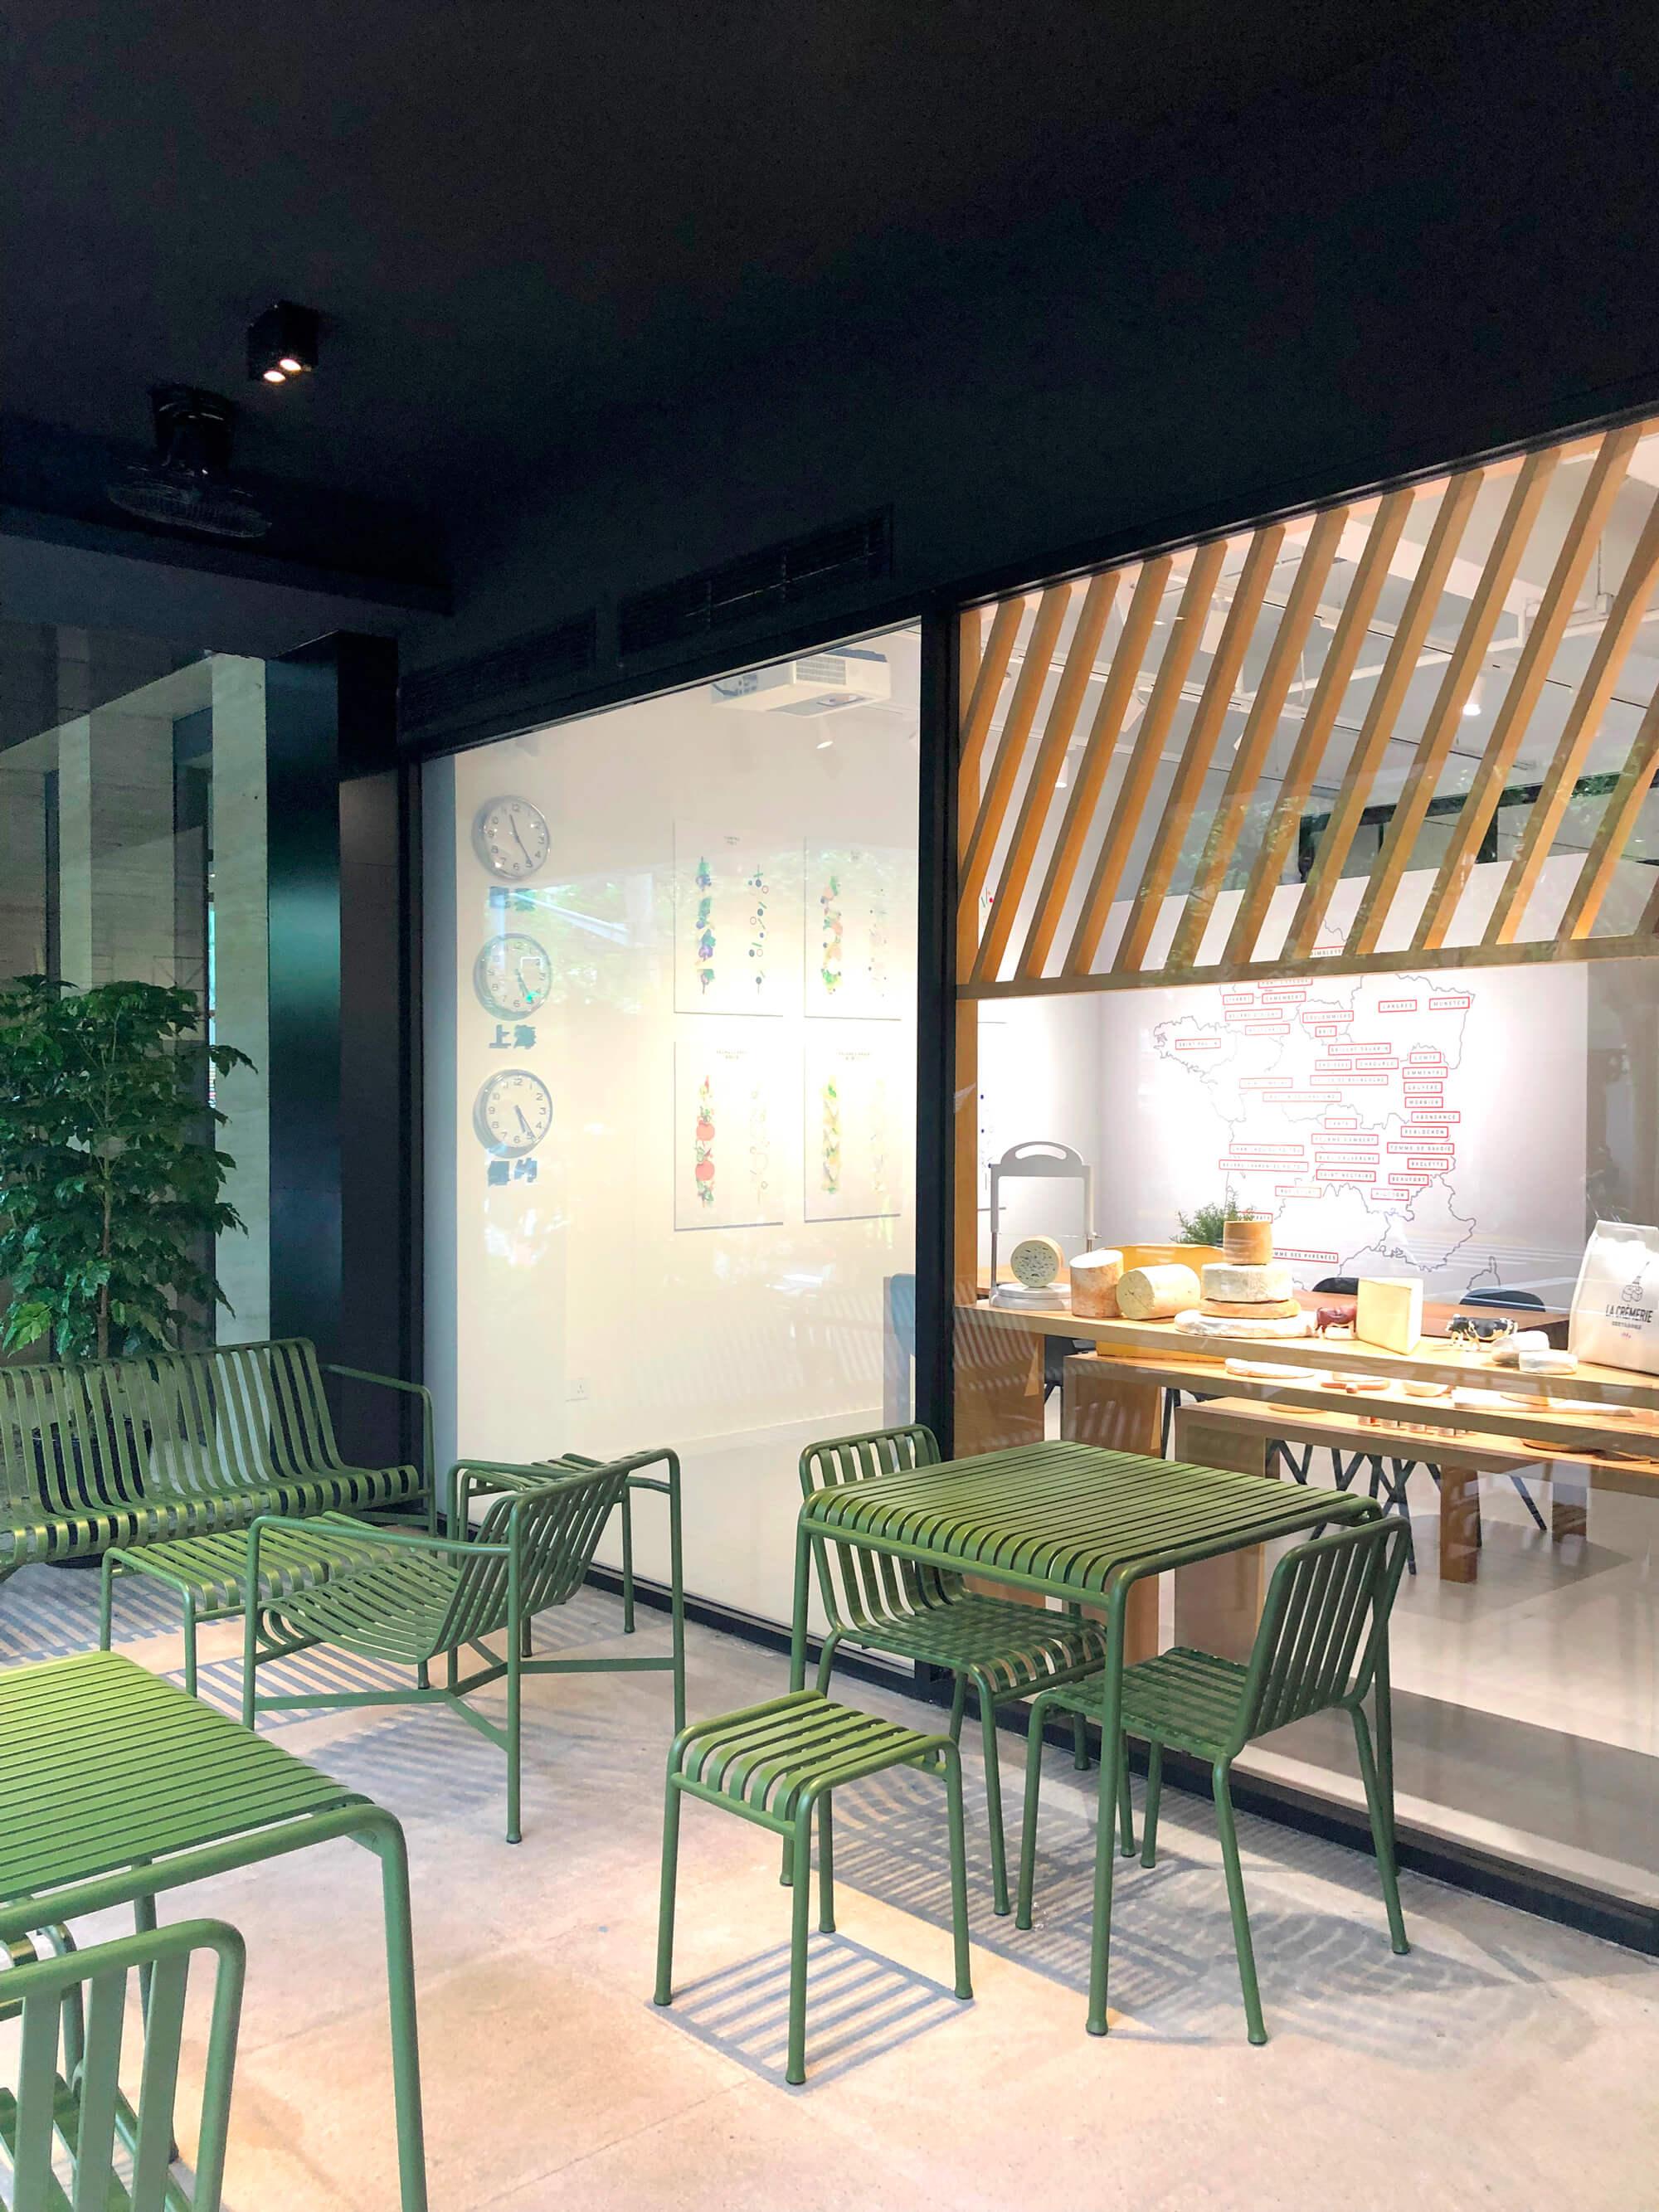 le mobilier Hay dessiné par les frères breton bouroullec choisit par IchetKar pour la terrasse du concept store la cremerie a Shanghai